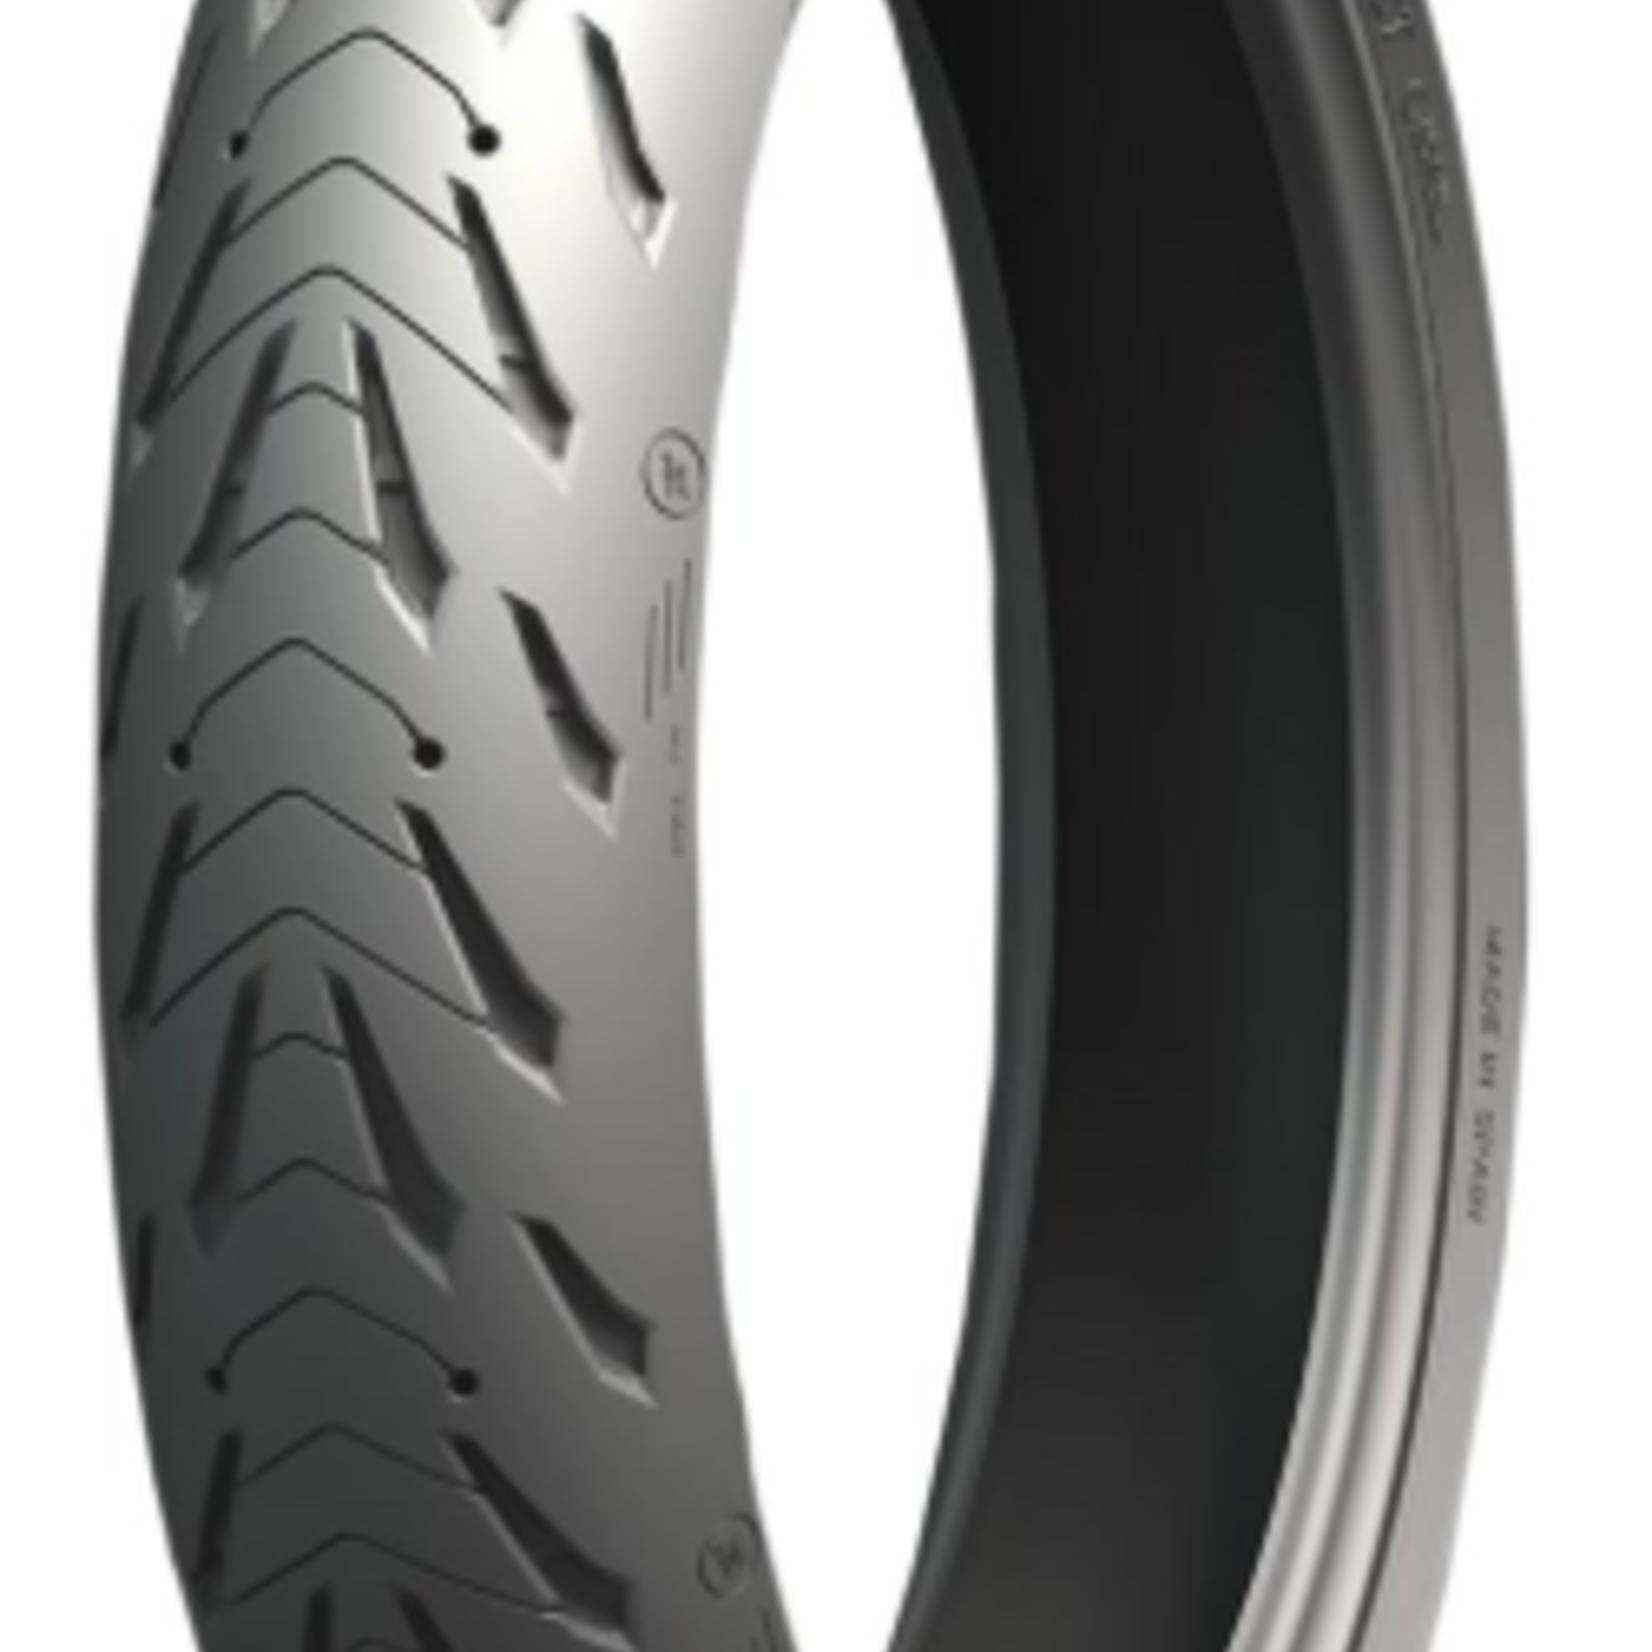 Michelin Michelin Power Super Sport Dual-Compound Track Tire - Front - 120/70ZR17